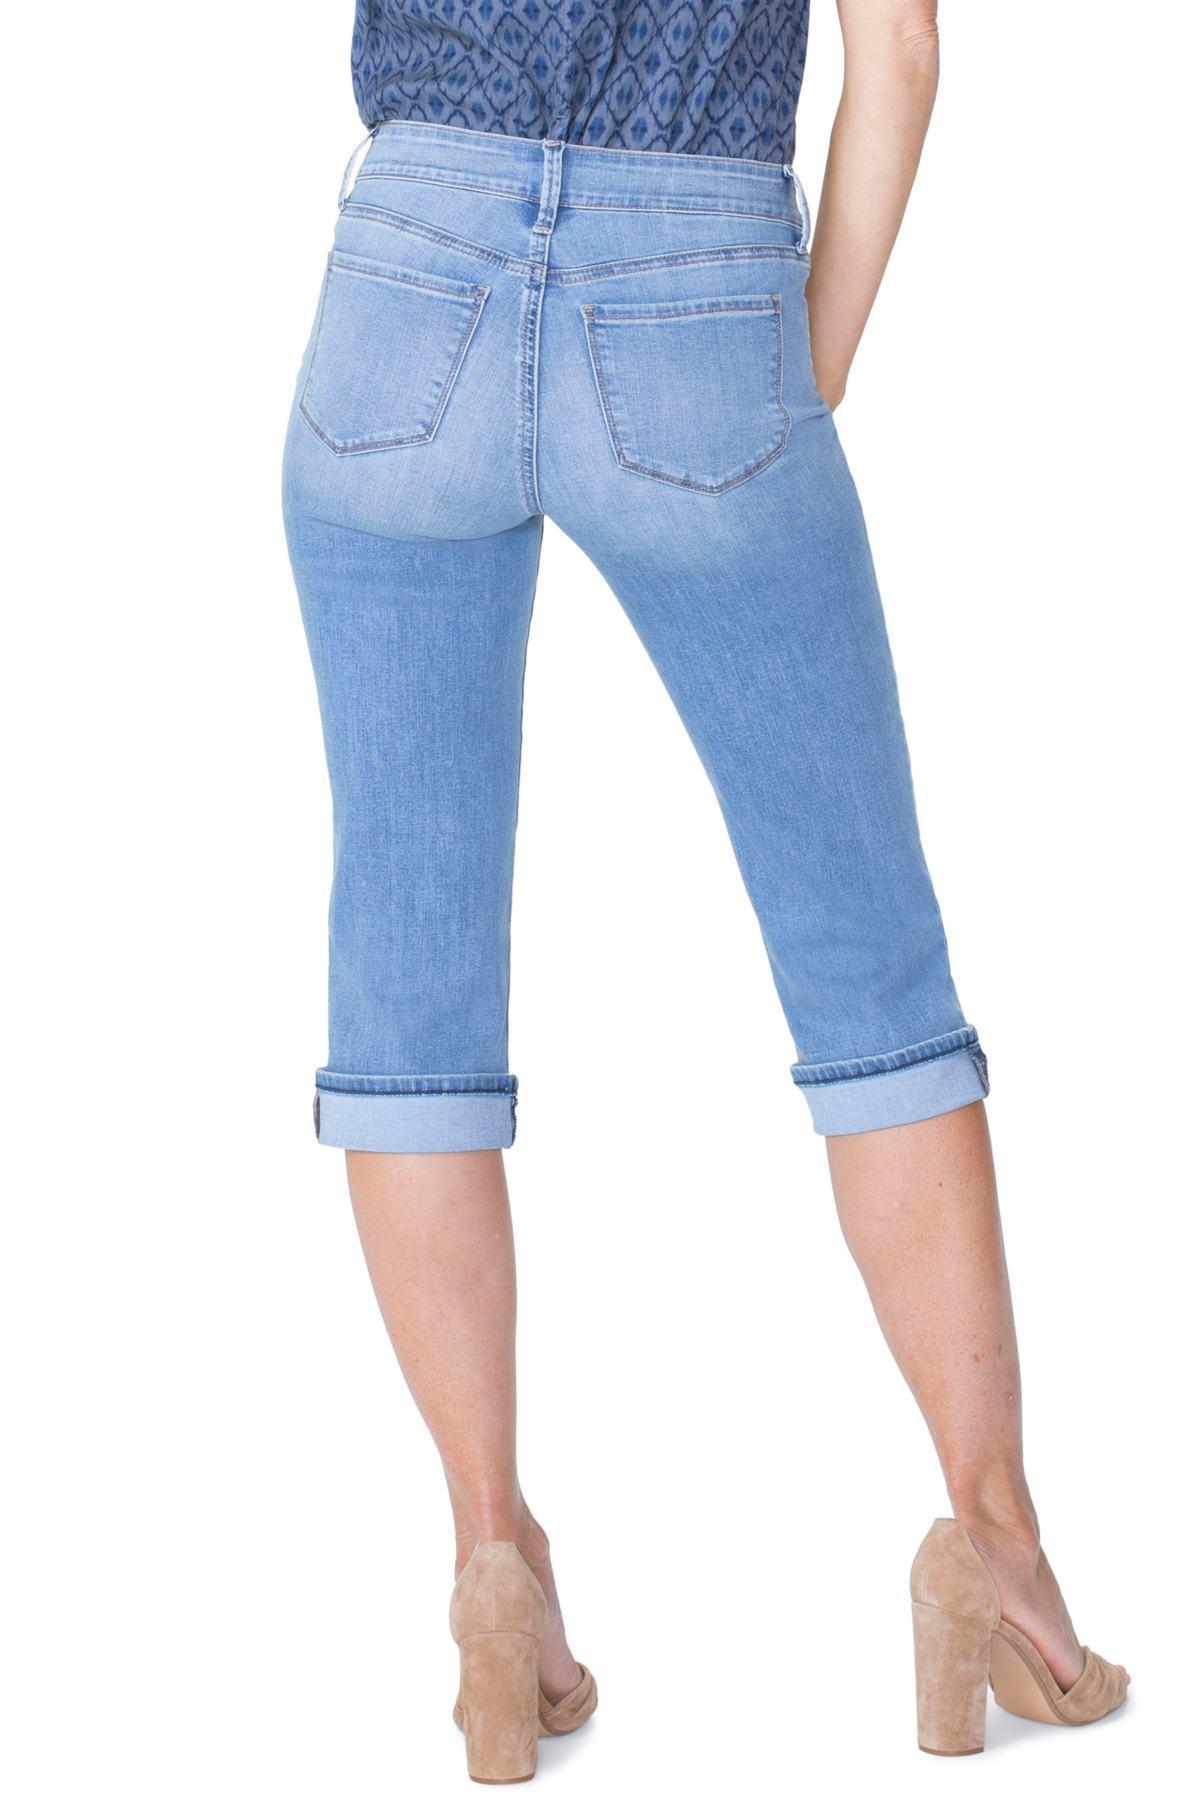 35344dec730 NYDJ - Blue Marilyn High Waist Cuffed Stretch Crop Jeans - Lyst. View  fullscreen